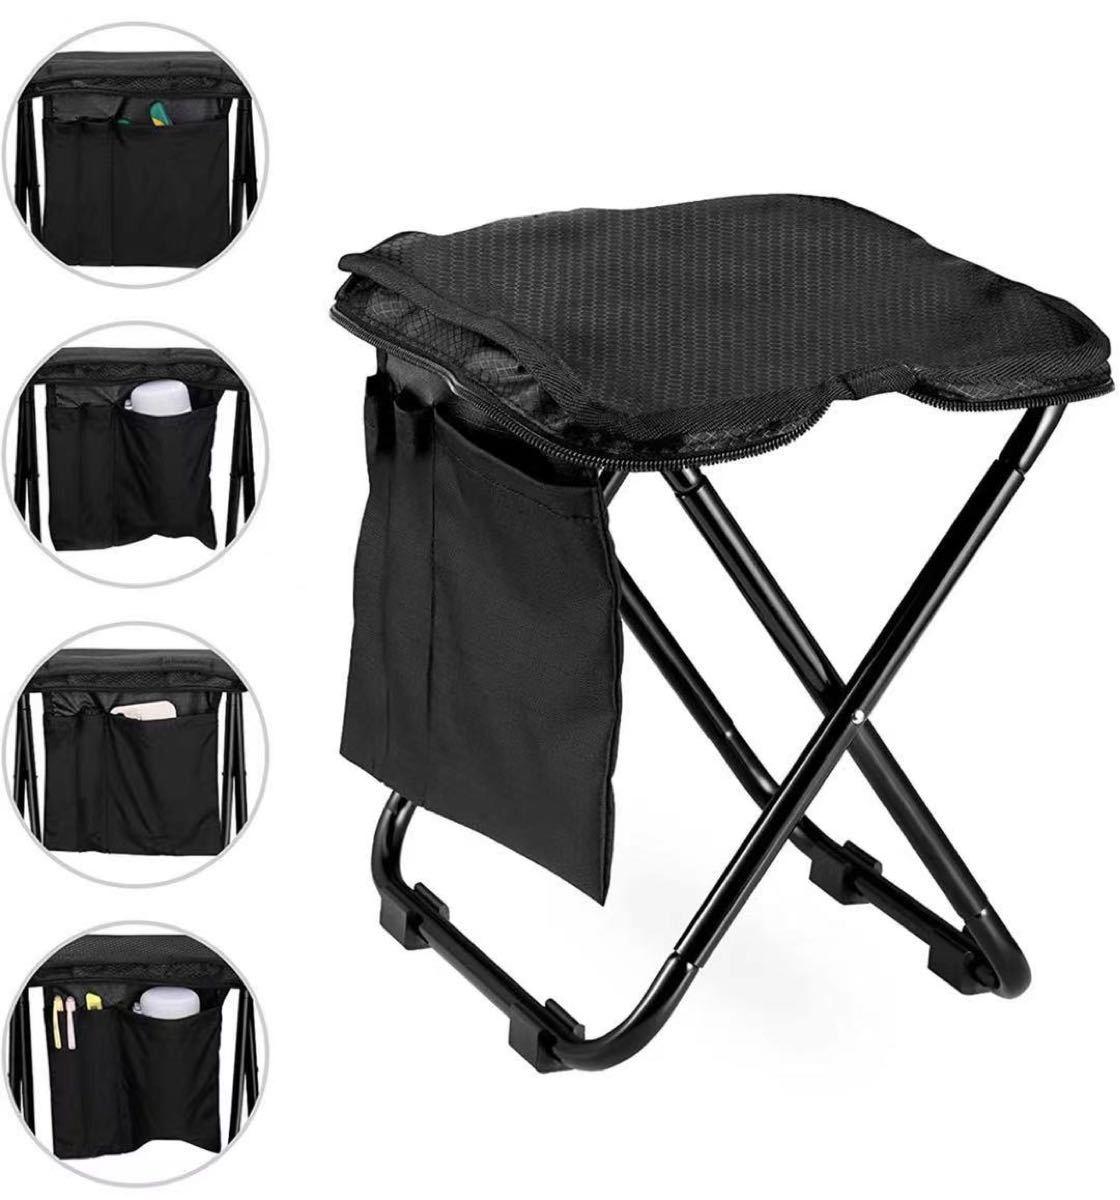 アウトドアチェア 折りたたみ椅子コンパクトイス キャンプ 耐荷重80-100kg